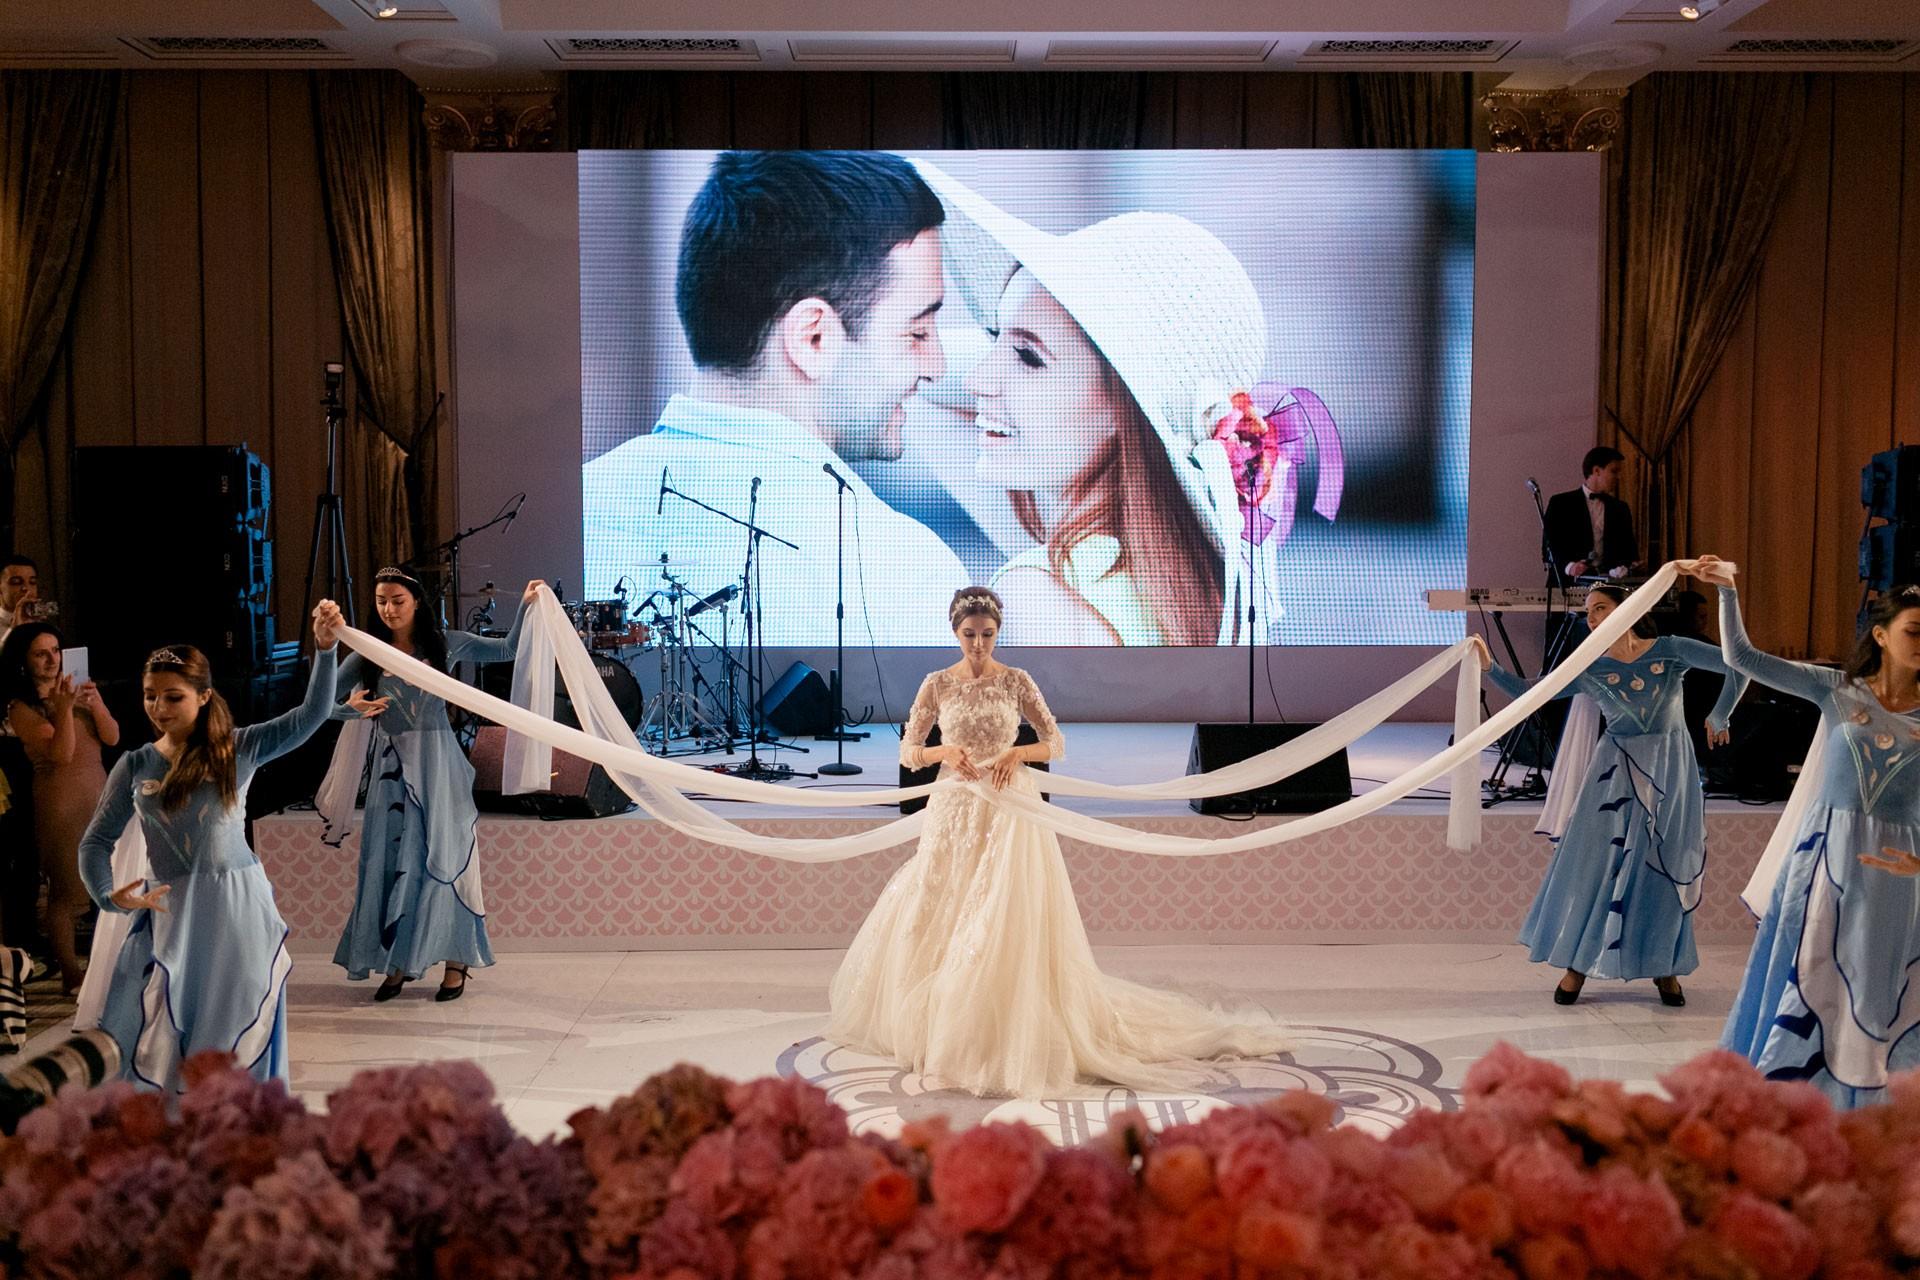 В стиле Guerlain. Свадьба Пако и Амины фото 21